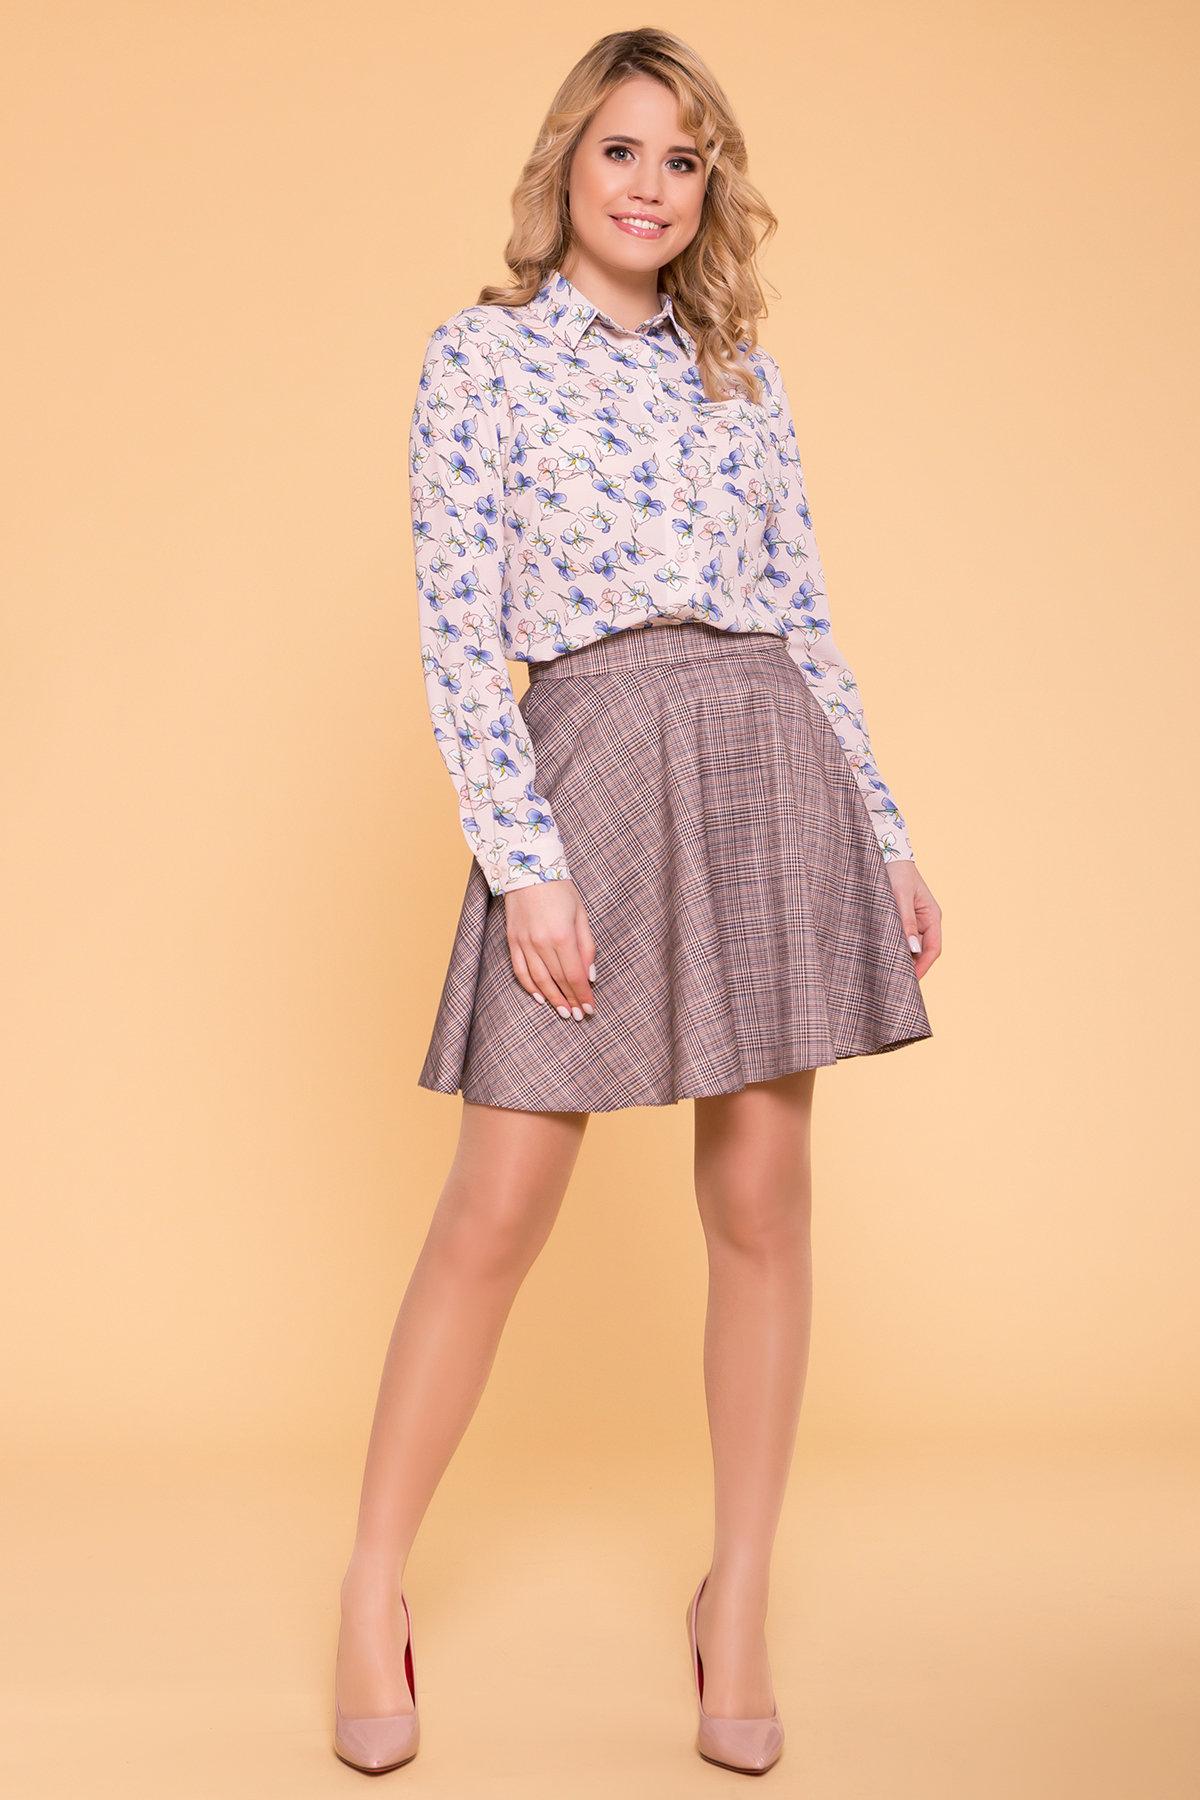 Блузки купить интернет магазин Modus Рубашка Арсела 6790